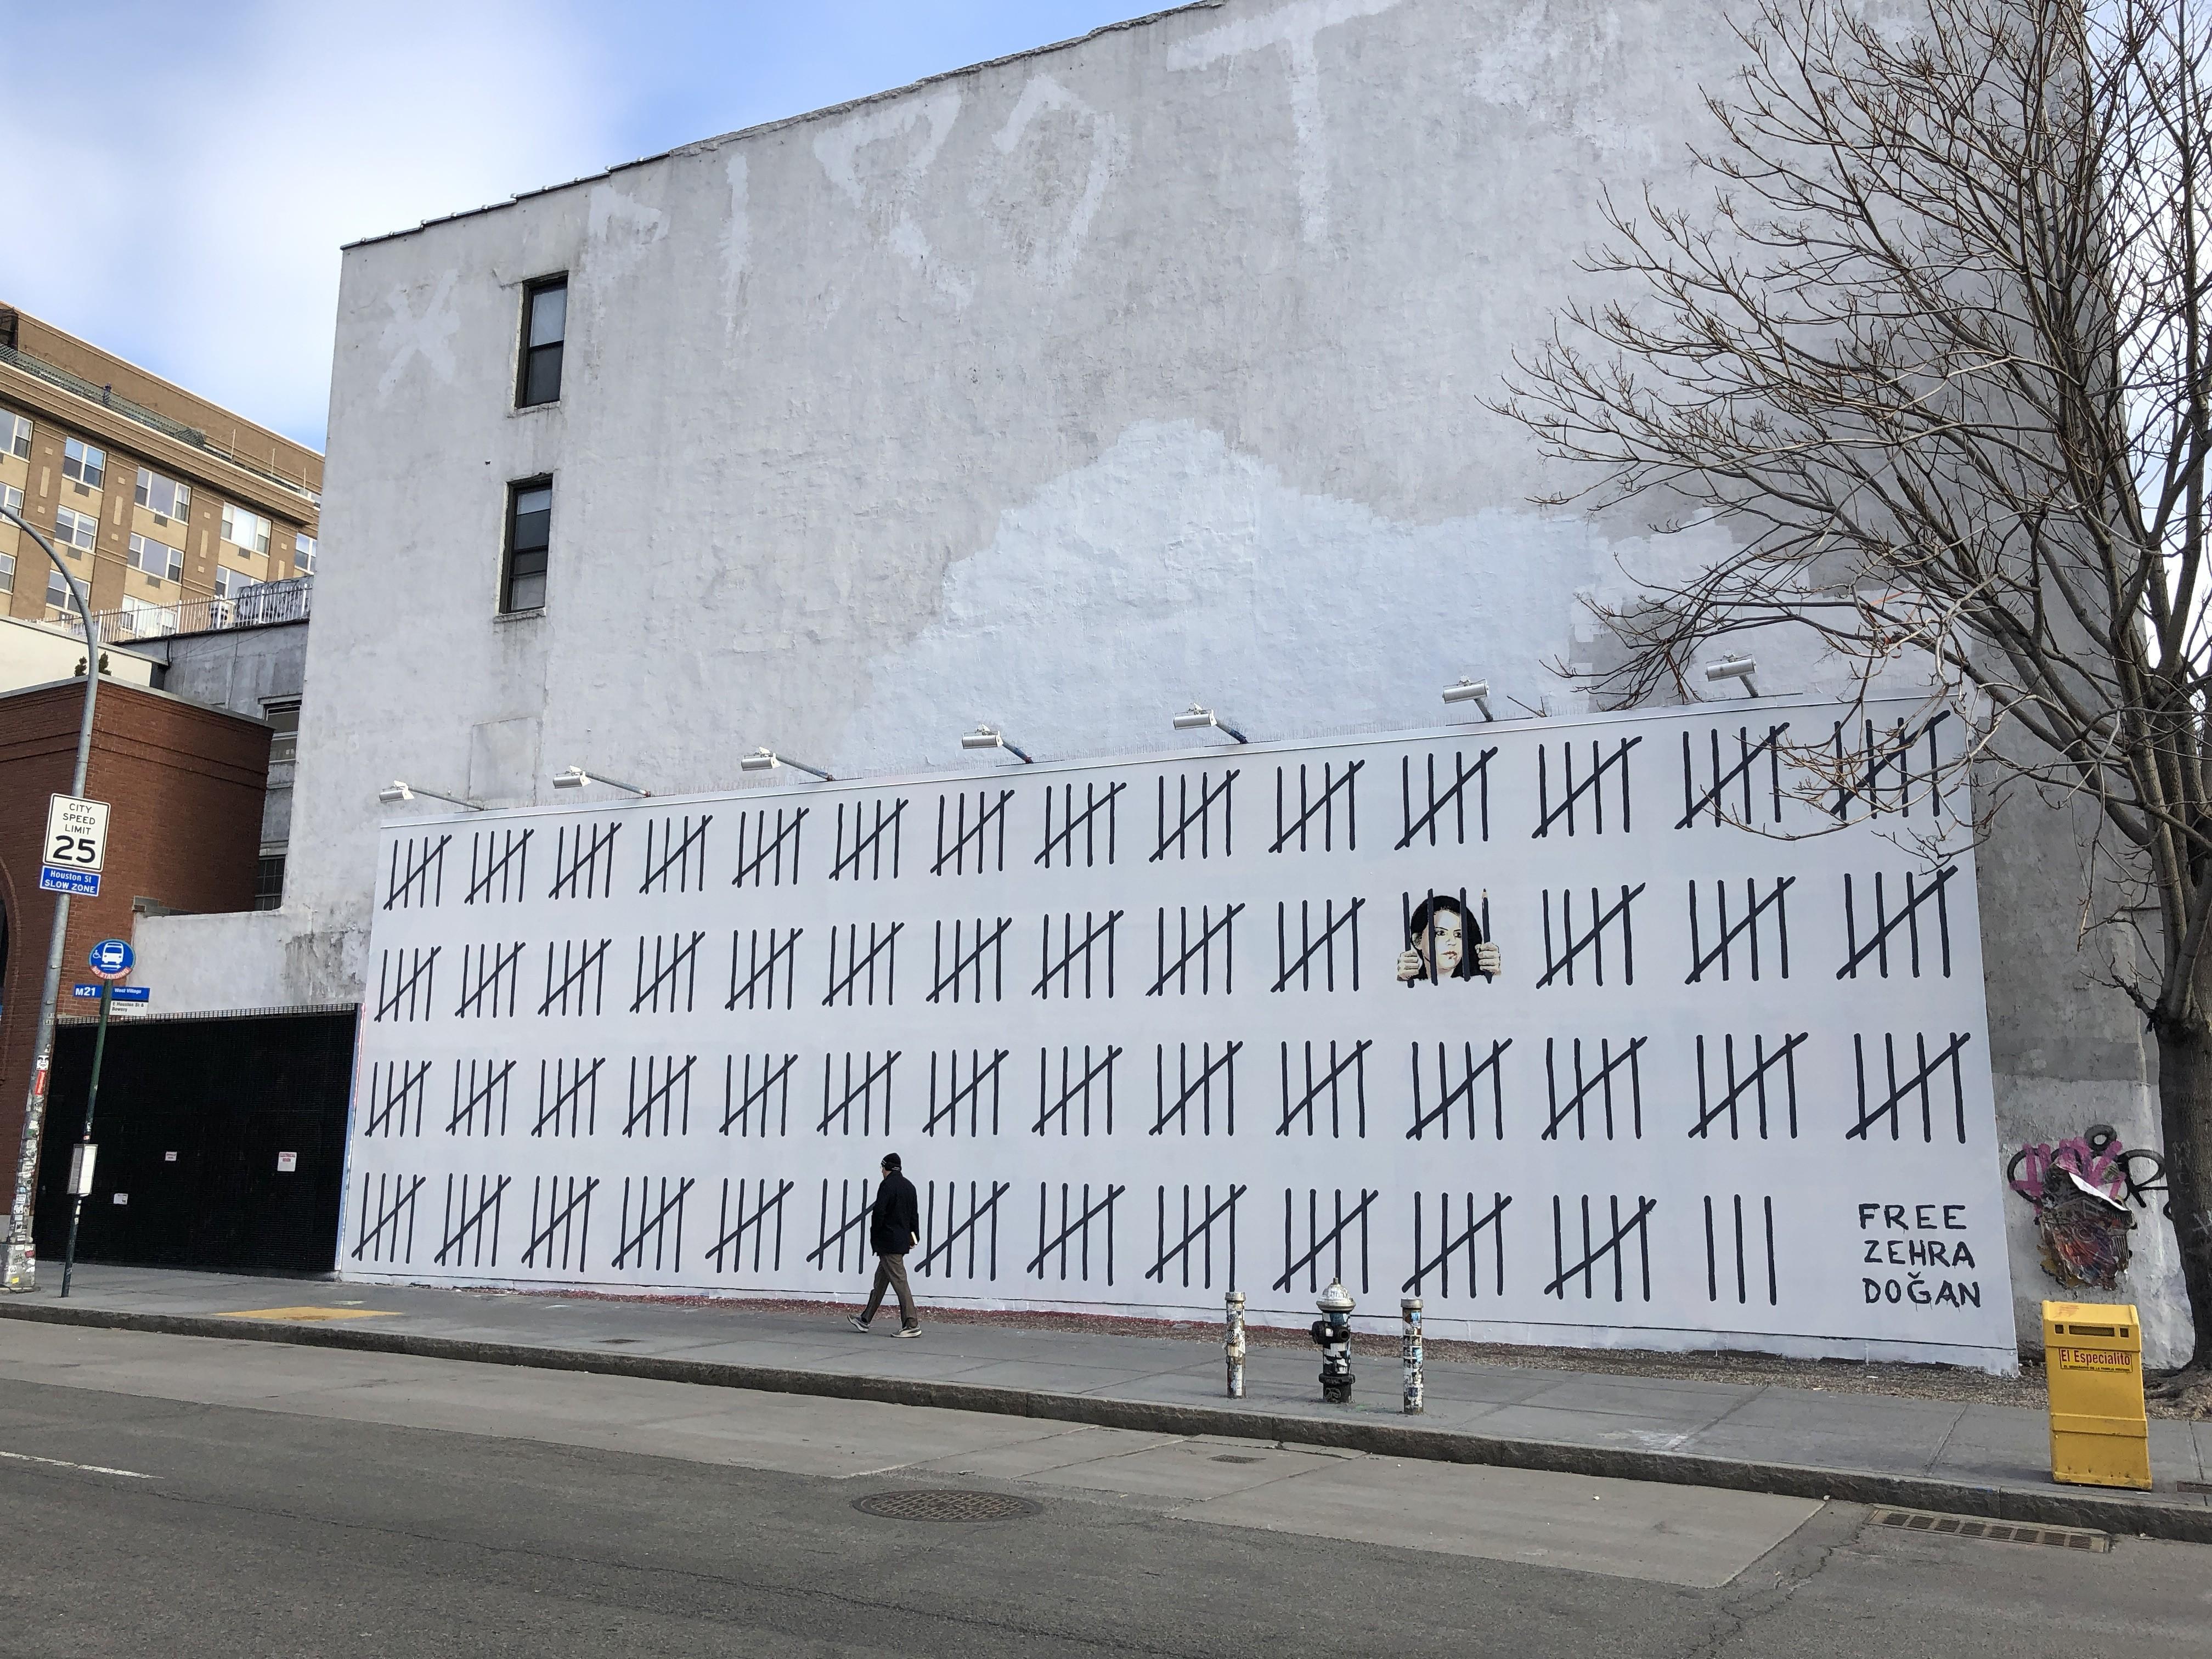 Free Zehra, il nuovo murales di Banksy contro la censura turca | Collater.al 4